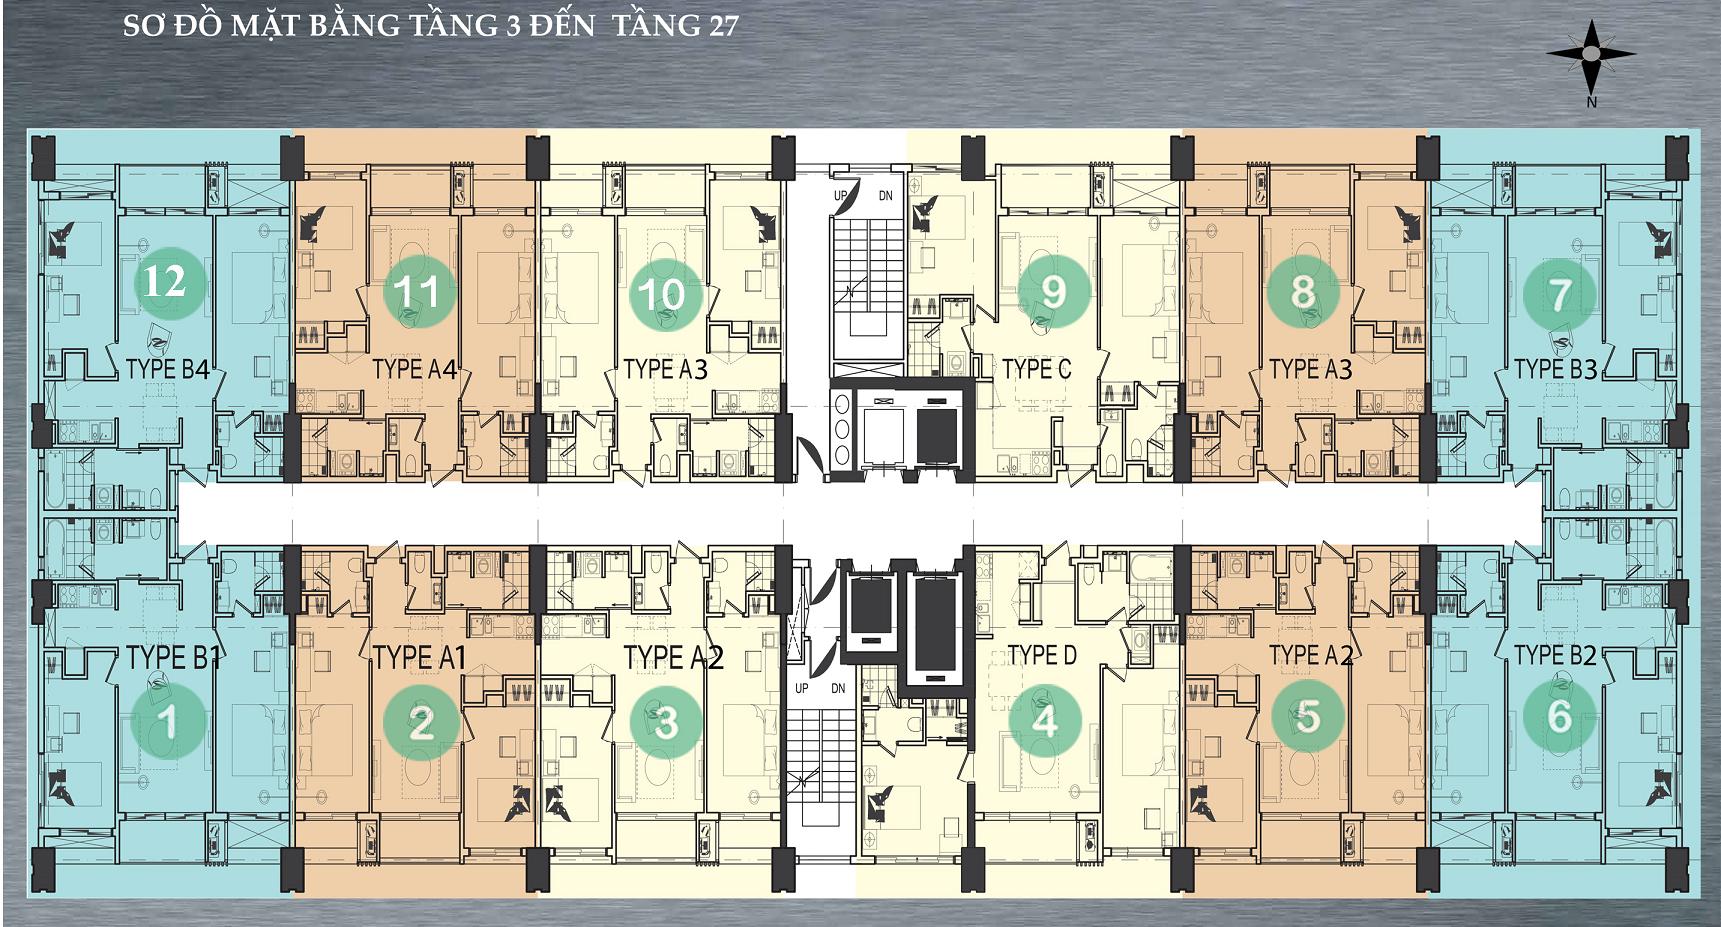 mat-bang-tang-3-den-tang-27-can-ho-hiyori-garden-tower-da-nang